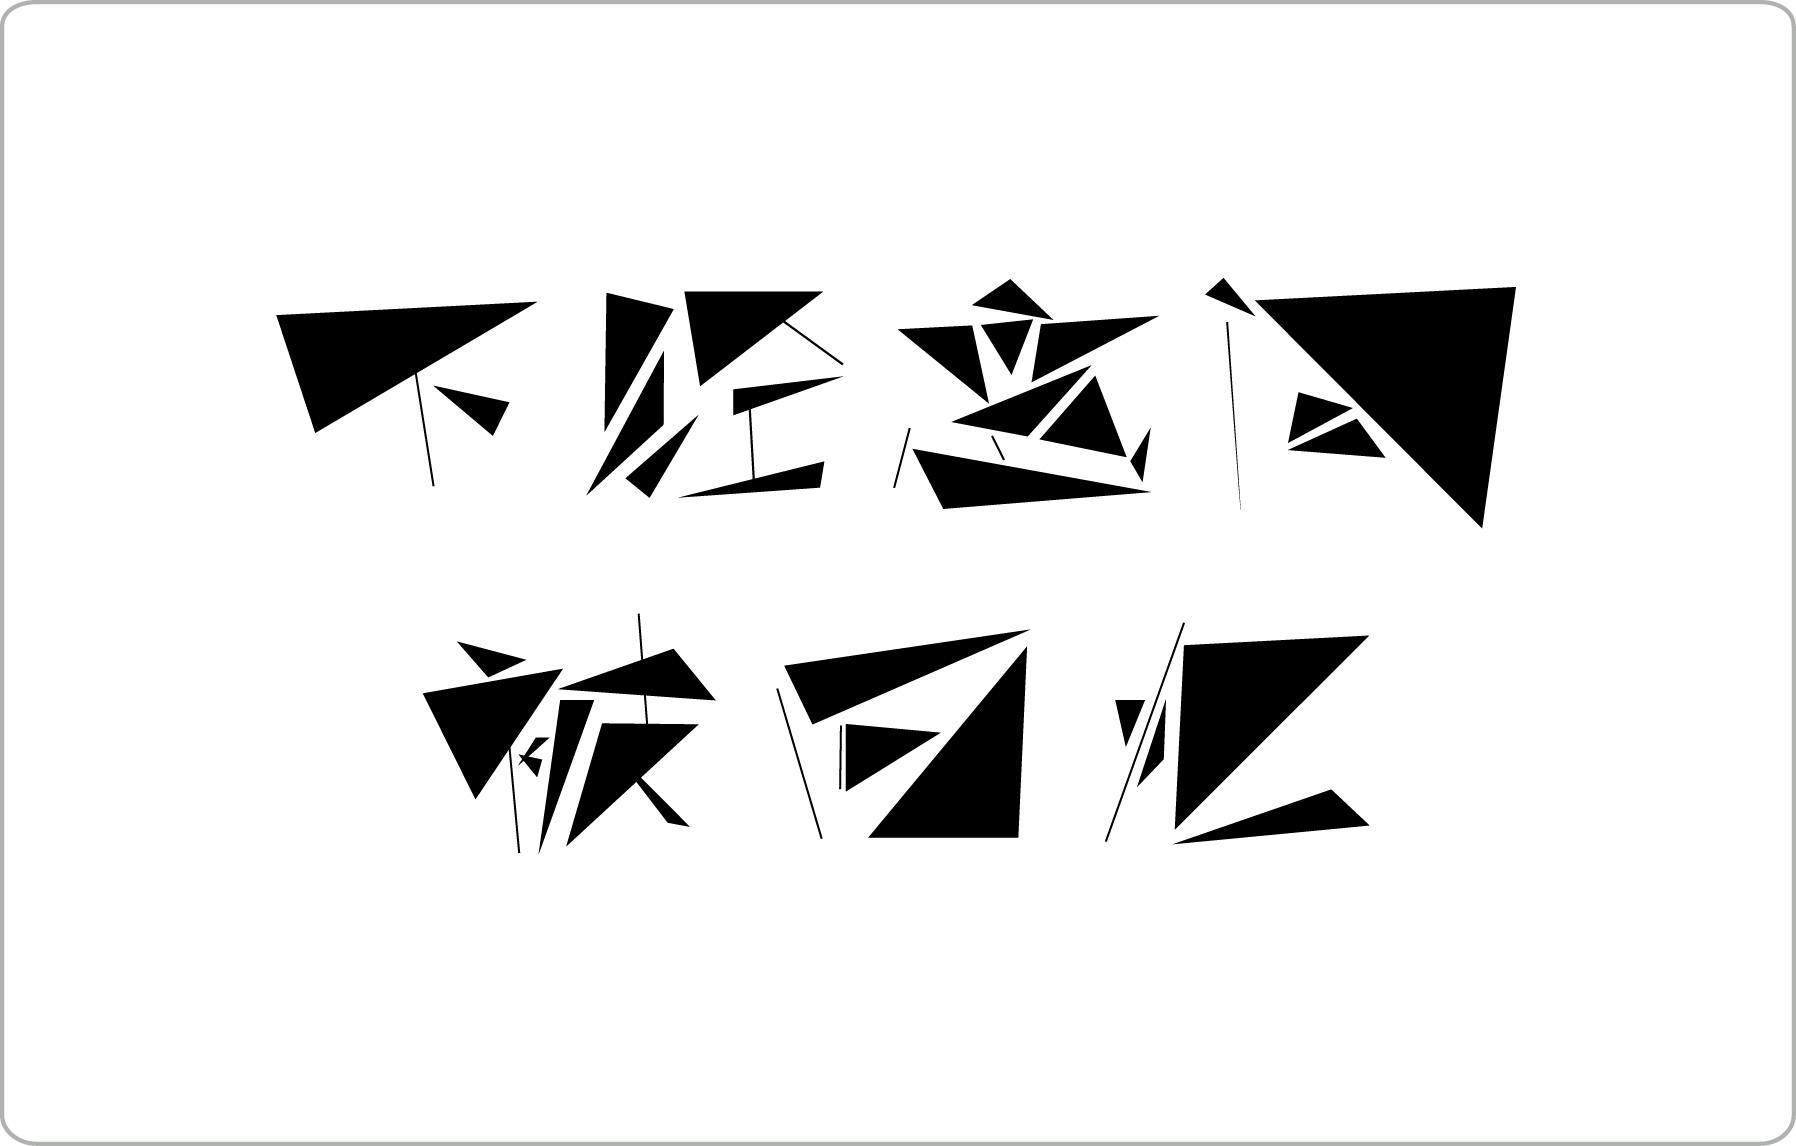 logo logo 标志 设计 矢量 矢量图 书法 书法作品 素材 图标 1796图片